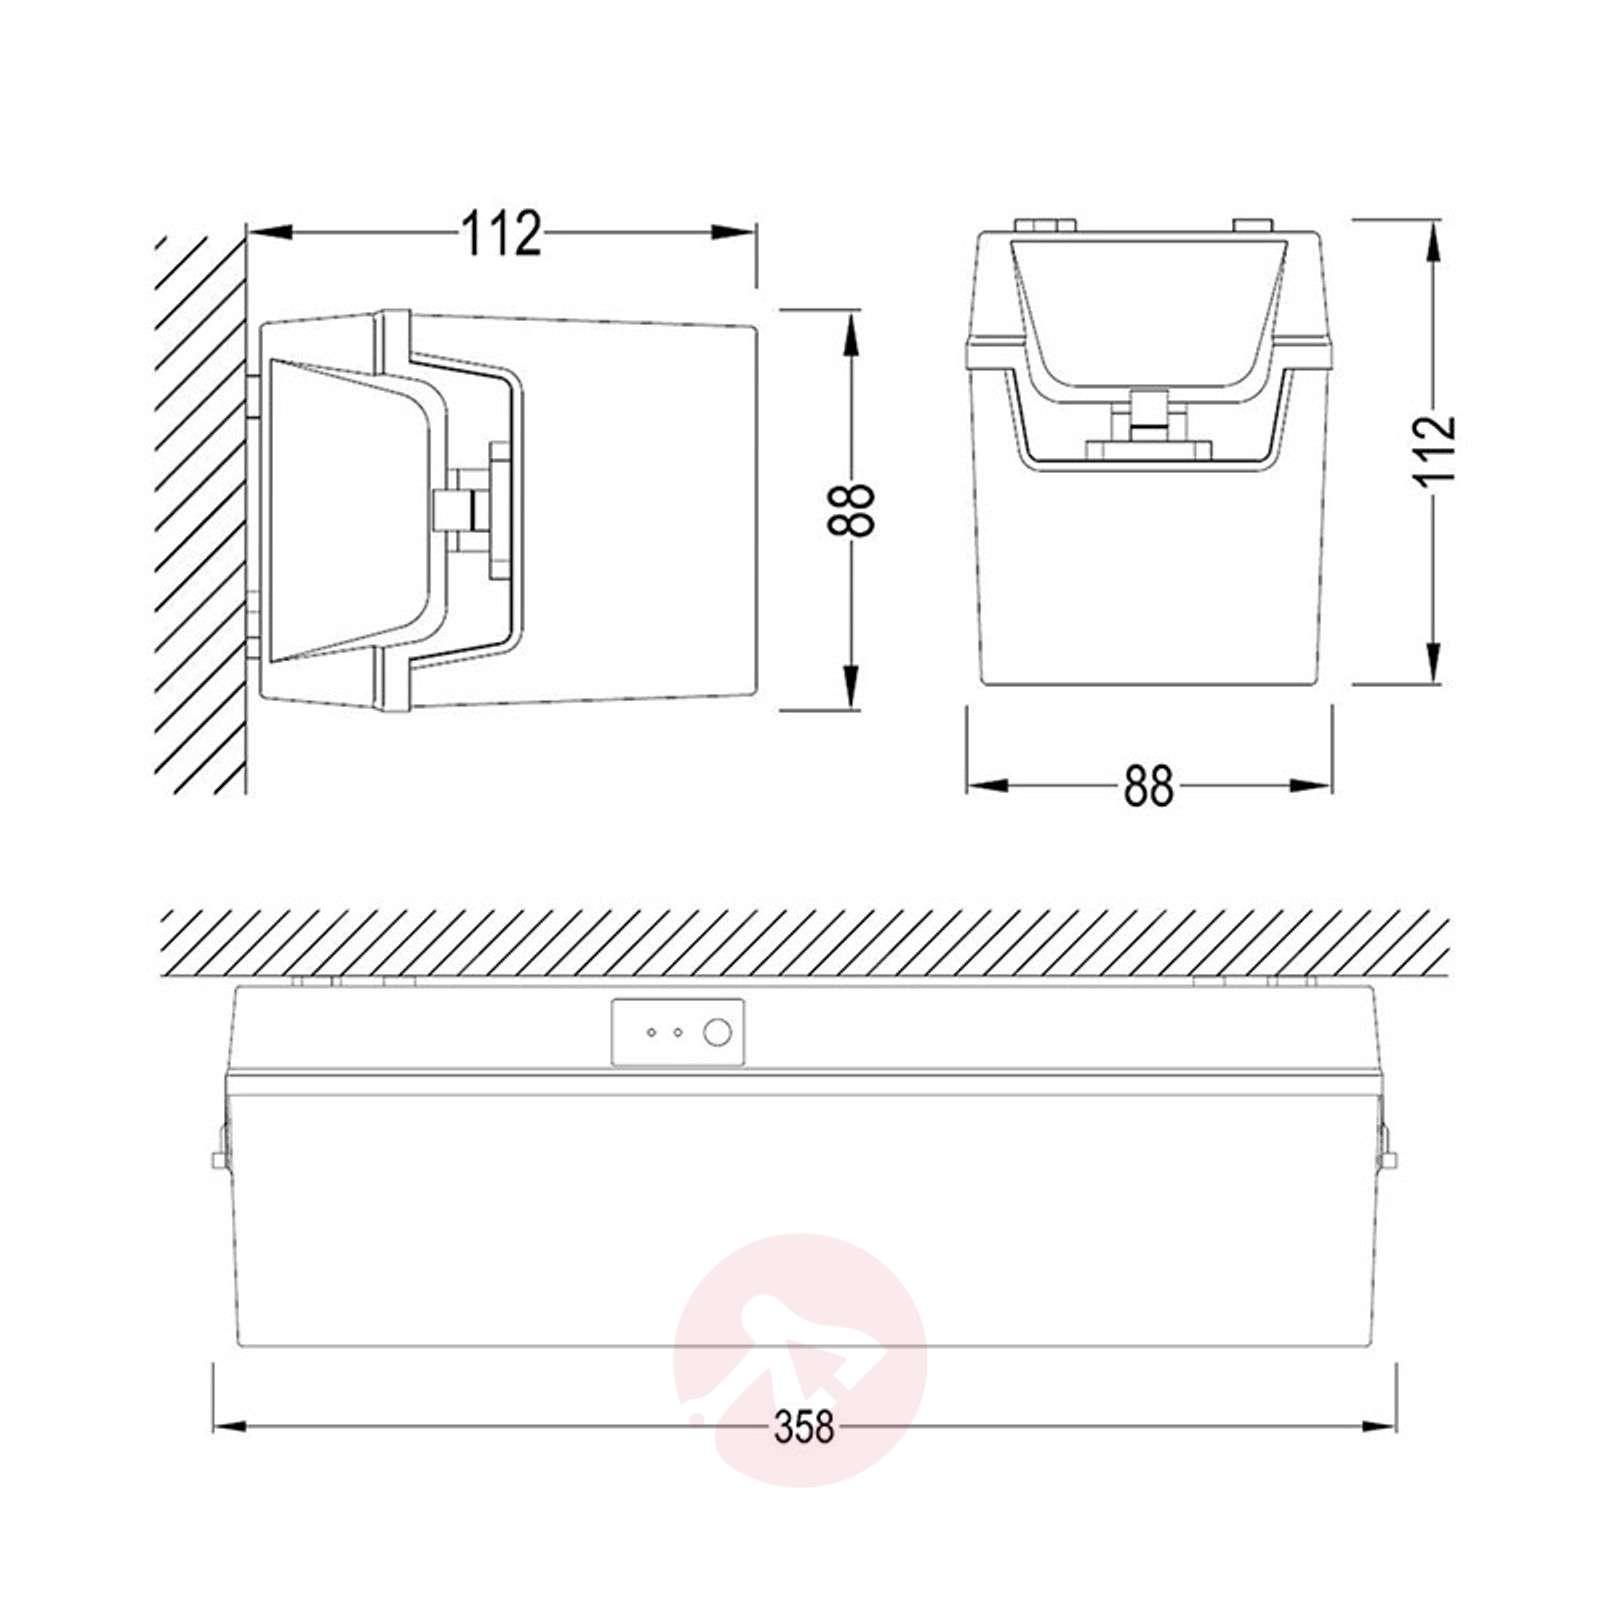 LED-poistumistievalaisin C-Lux Standard, 3 tuntia-1528006-01